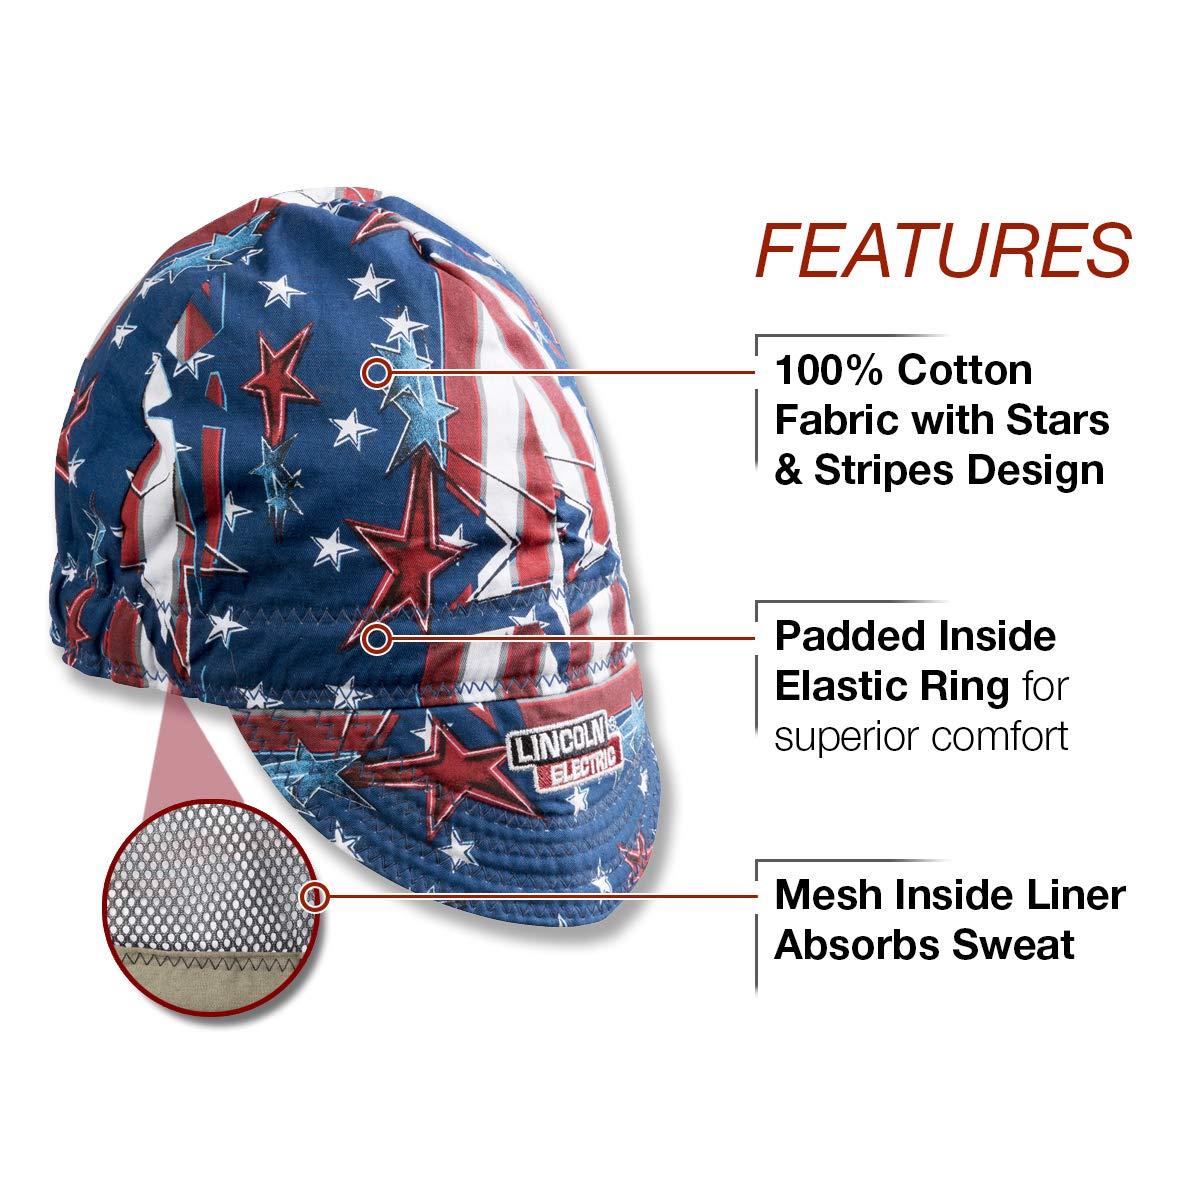 Lincoln eléctrica k3203-all todos los American gorra de soldar rojo, blanco y blues: Amazon.es: Bricolaje y herramientas